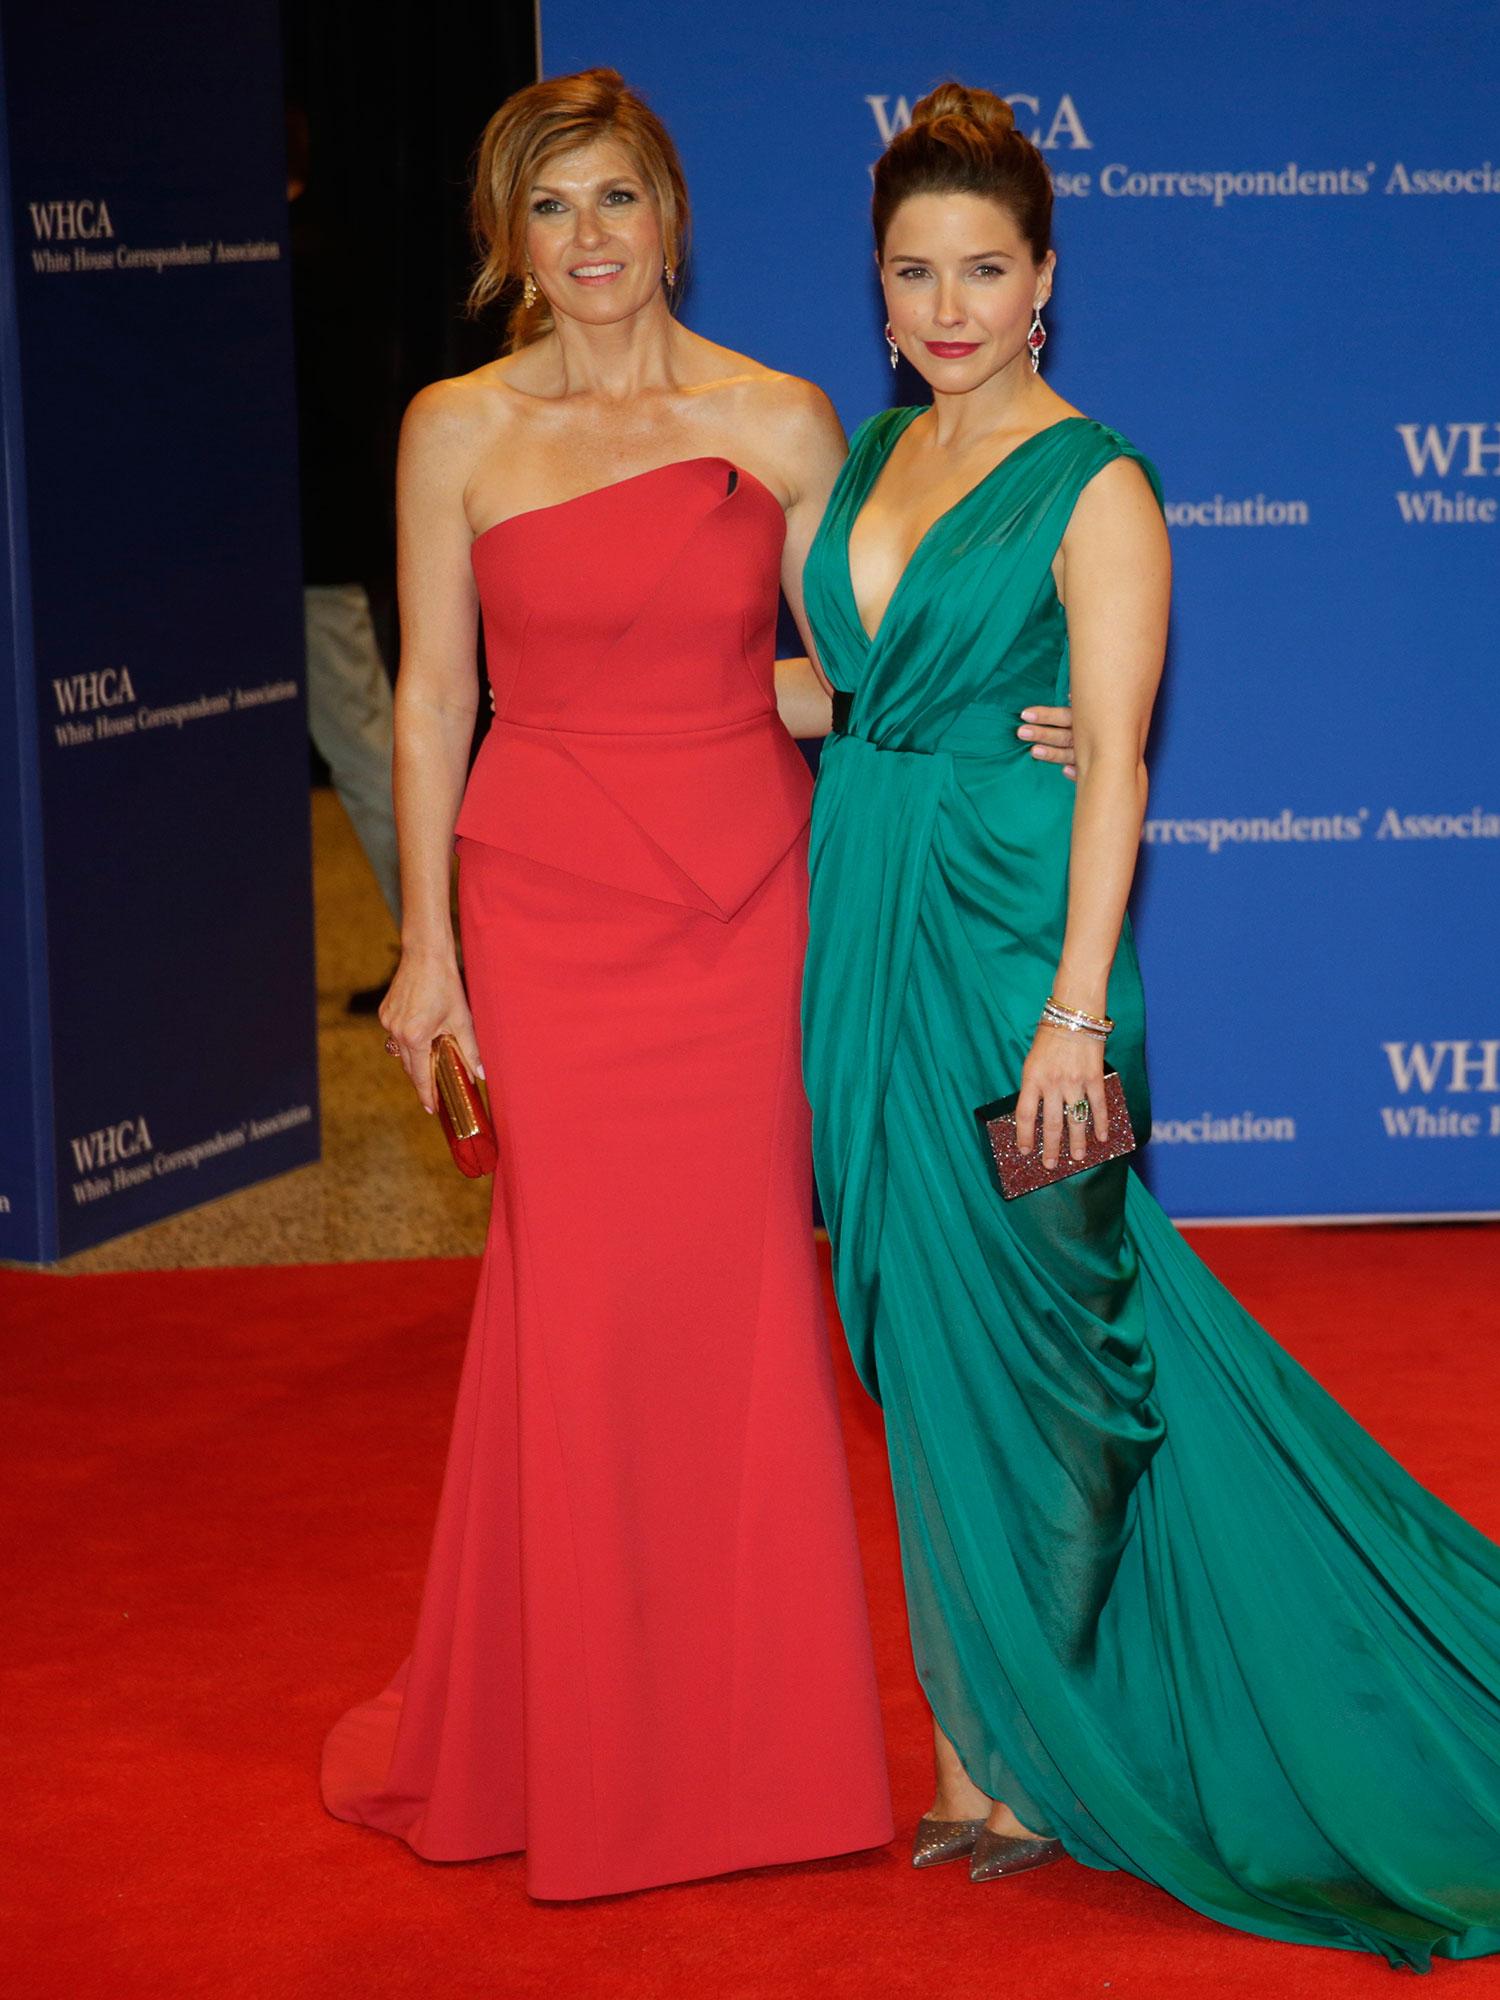 Connie Britton and Sophia Bush